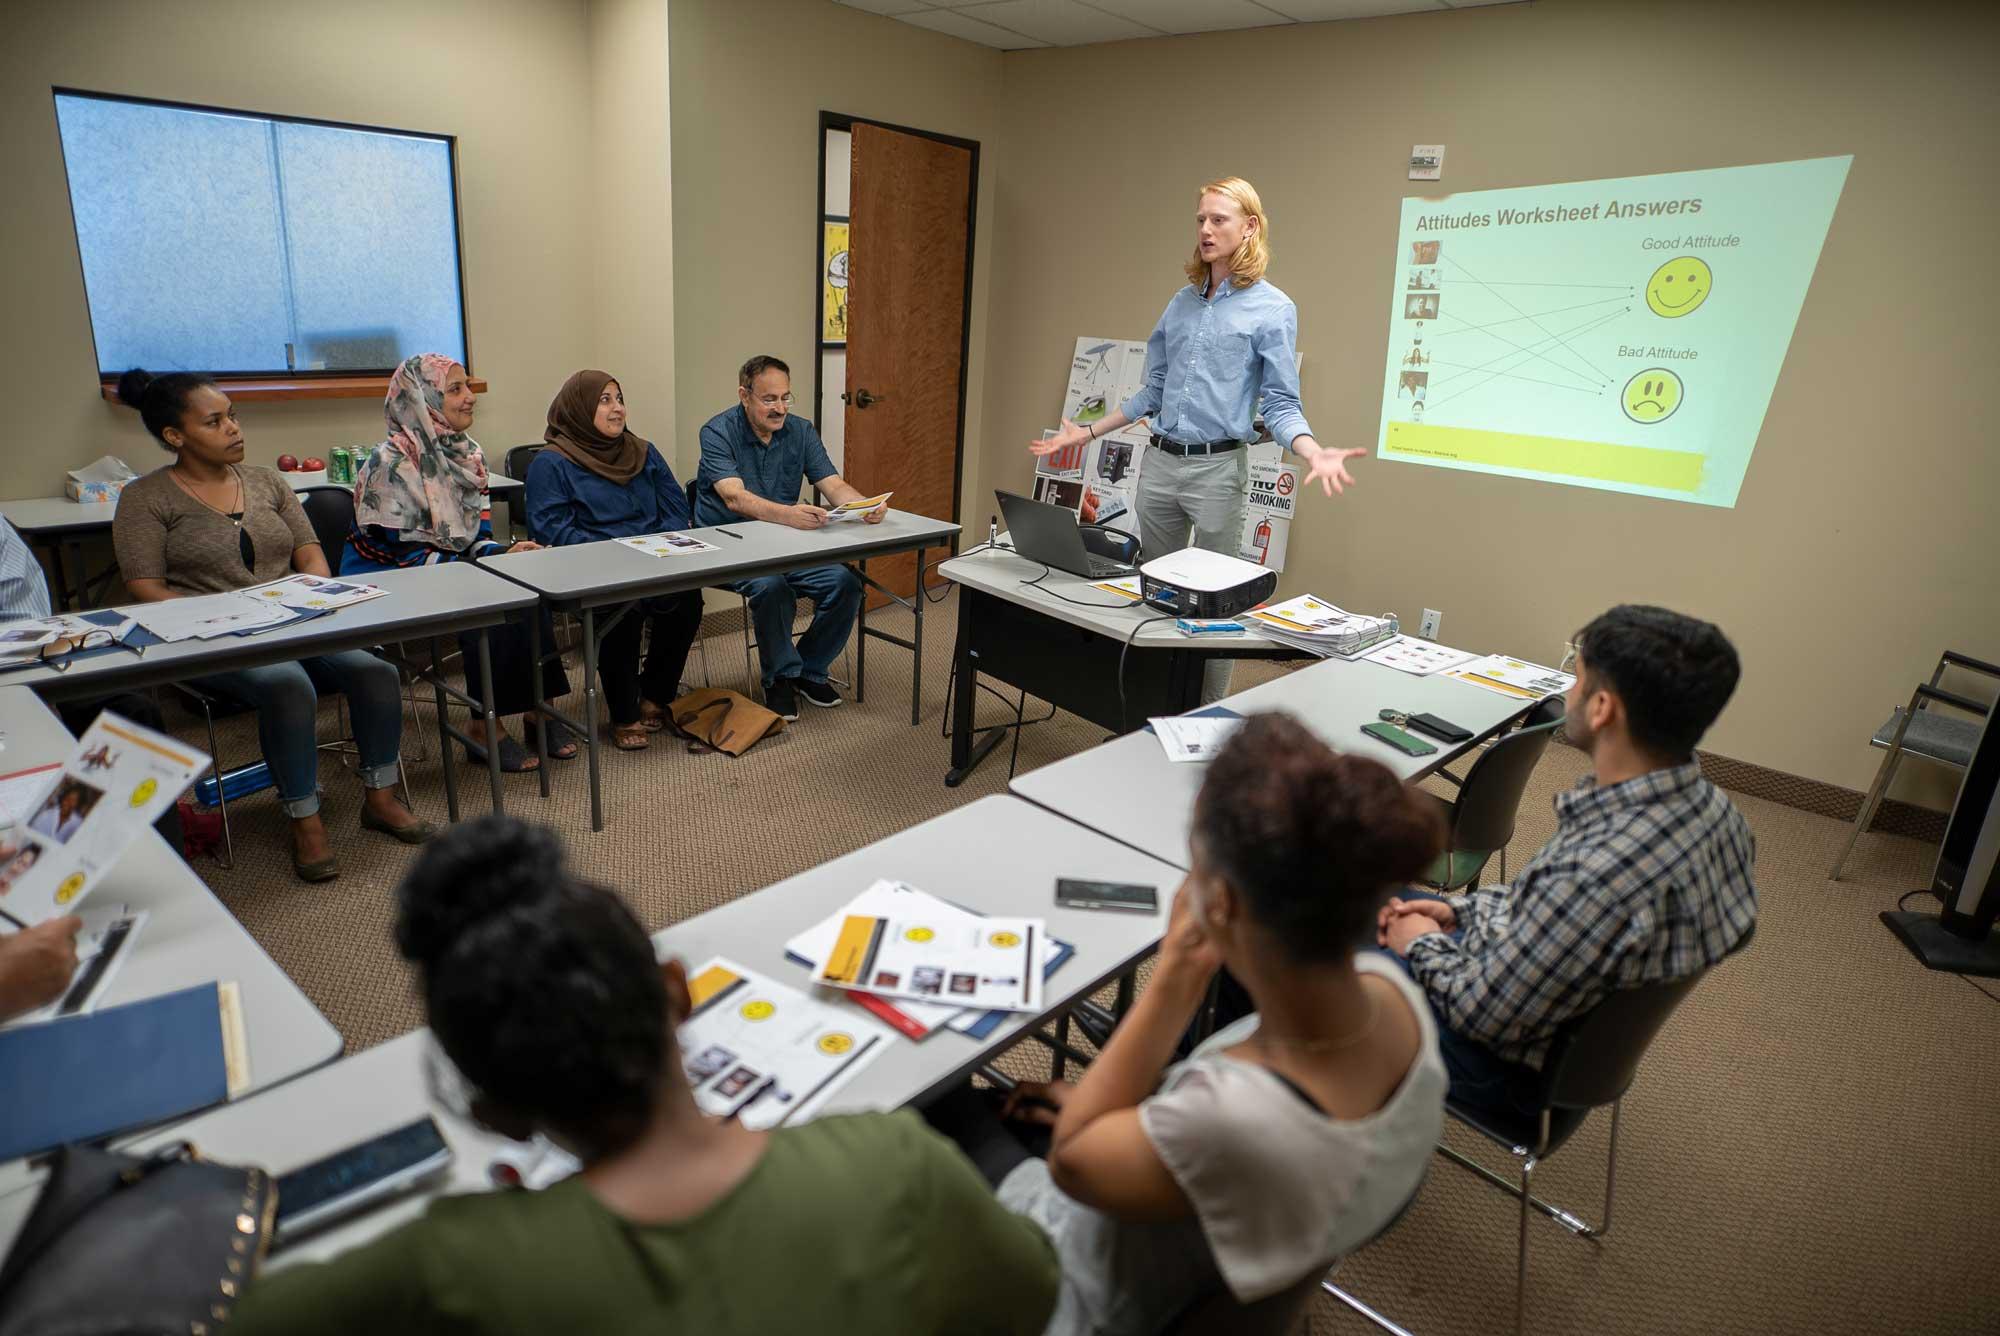 A cultural orientation provider teaching a class of refugees. IRC/AOberstadt